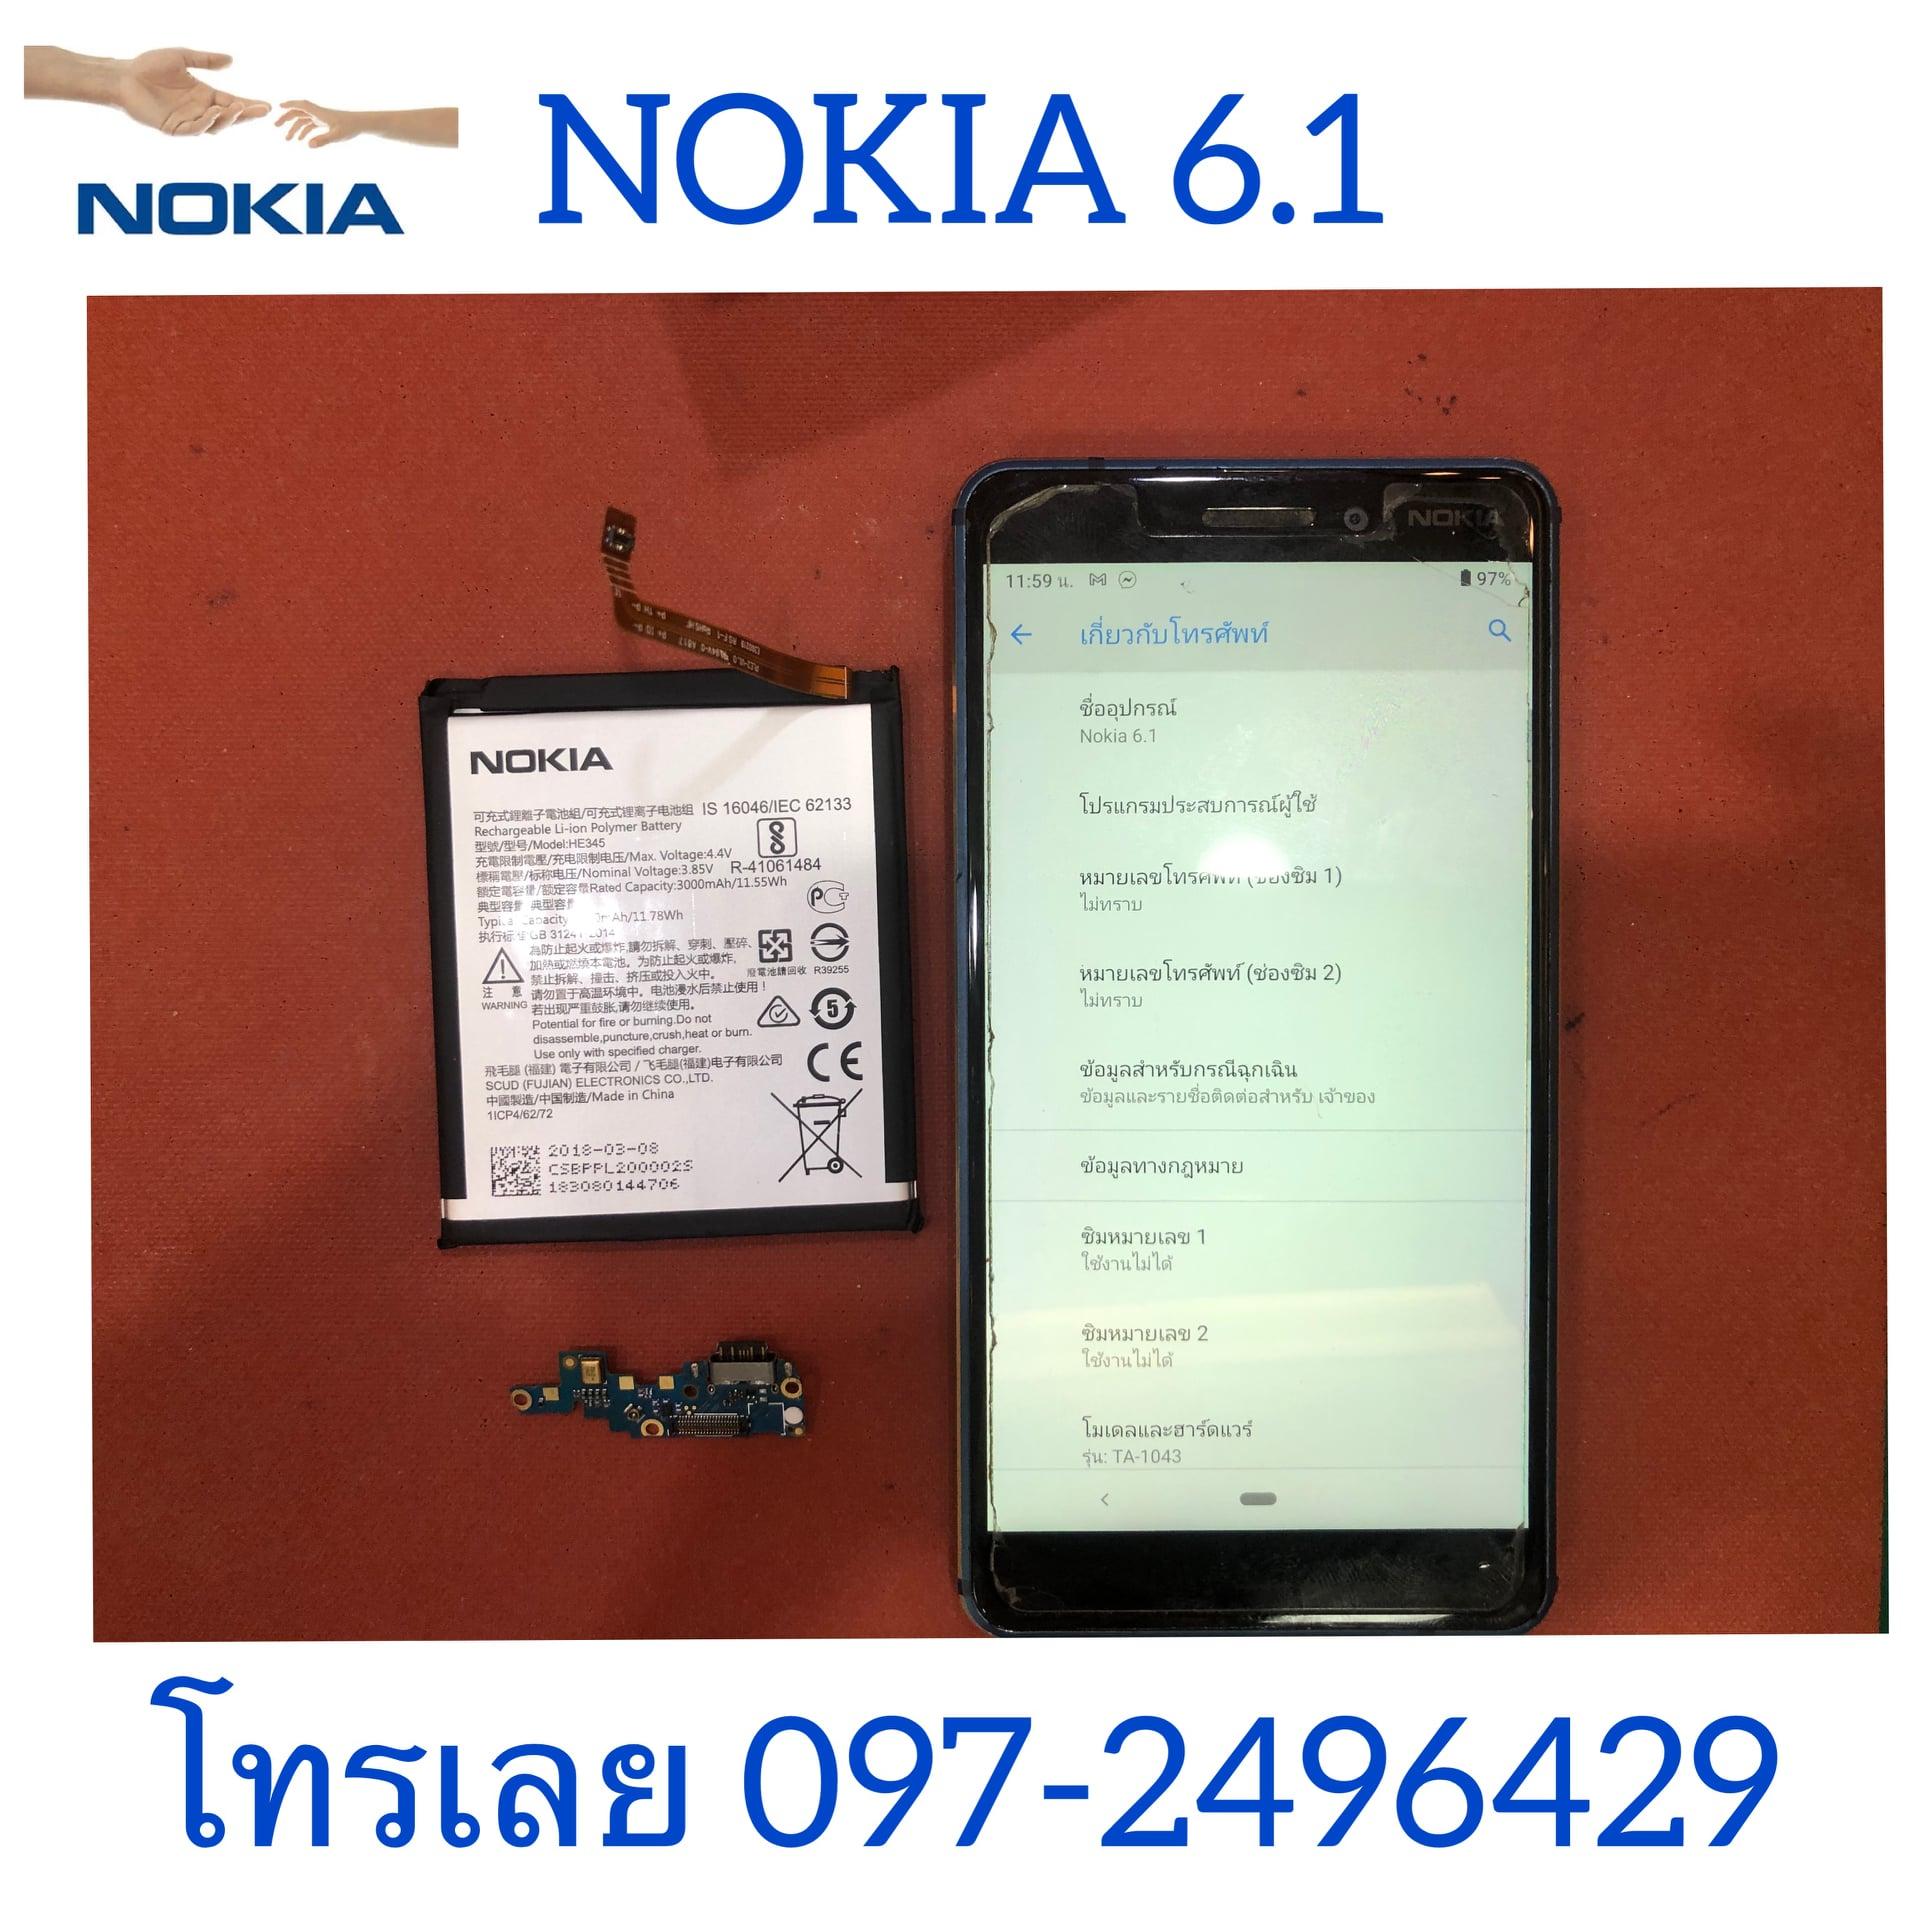 โทรศัพท์ยี่ห้อ  Nokia (โนเกีย)  มีอาการเสียอย่างไรบ้าง ซ่อมร้านไหนดี มีการรับประกัน